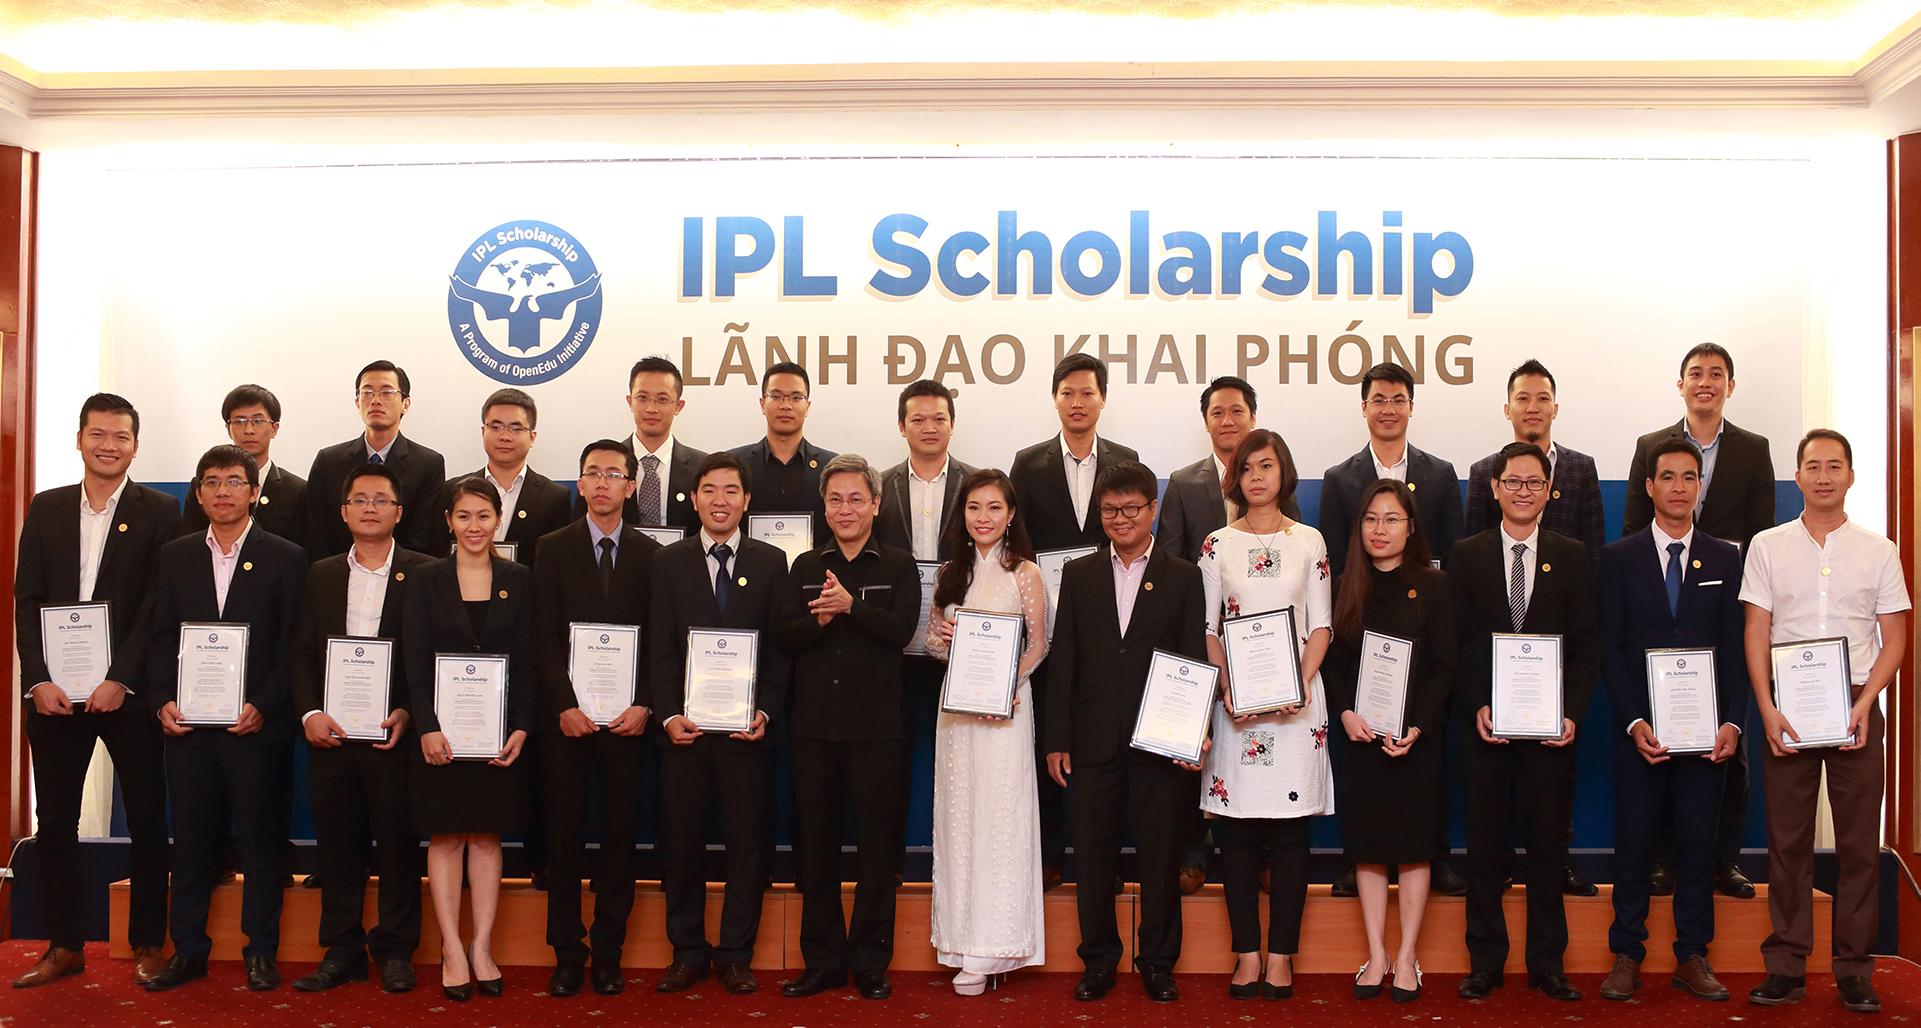 IPL Khóa 2 tự hào được trao chứng nhận tốt nghiệp